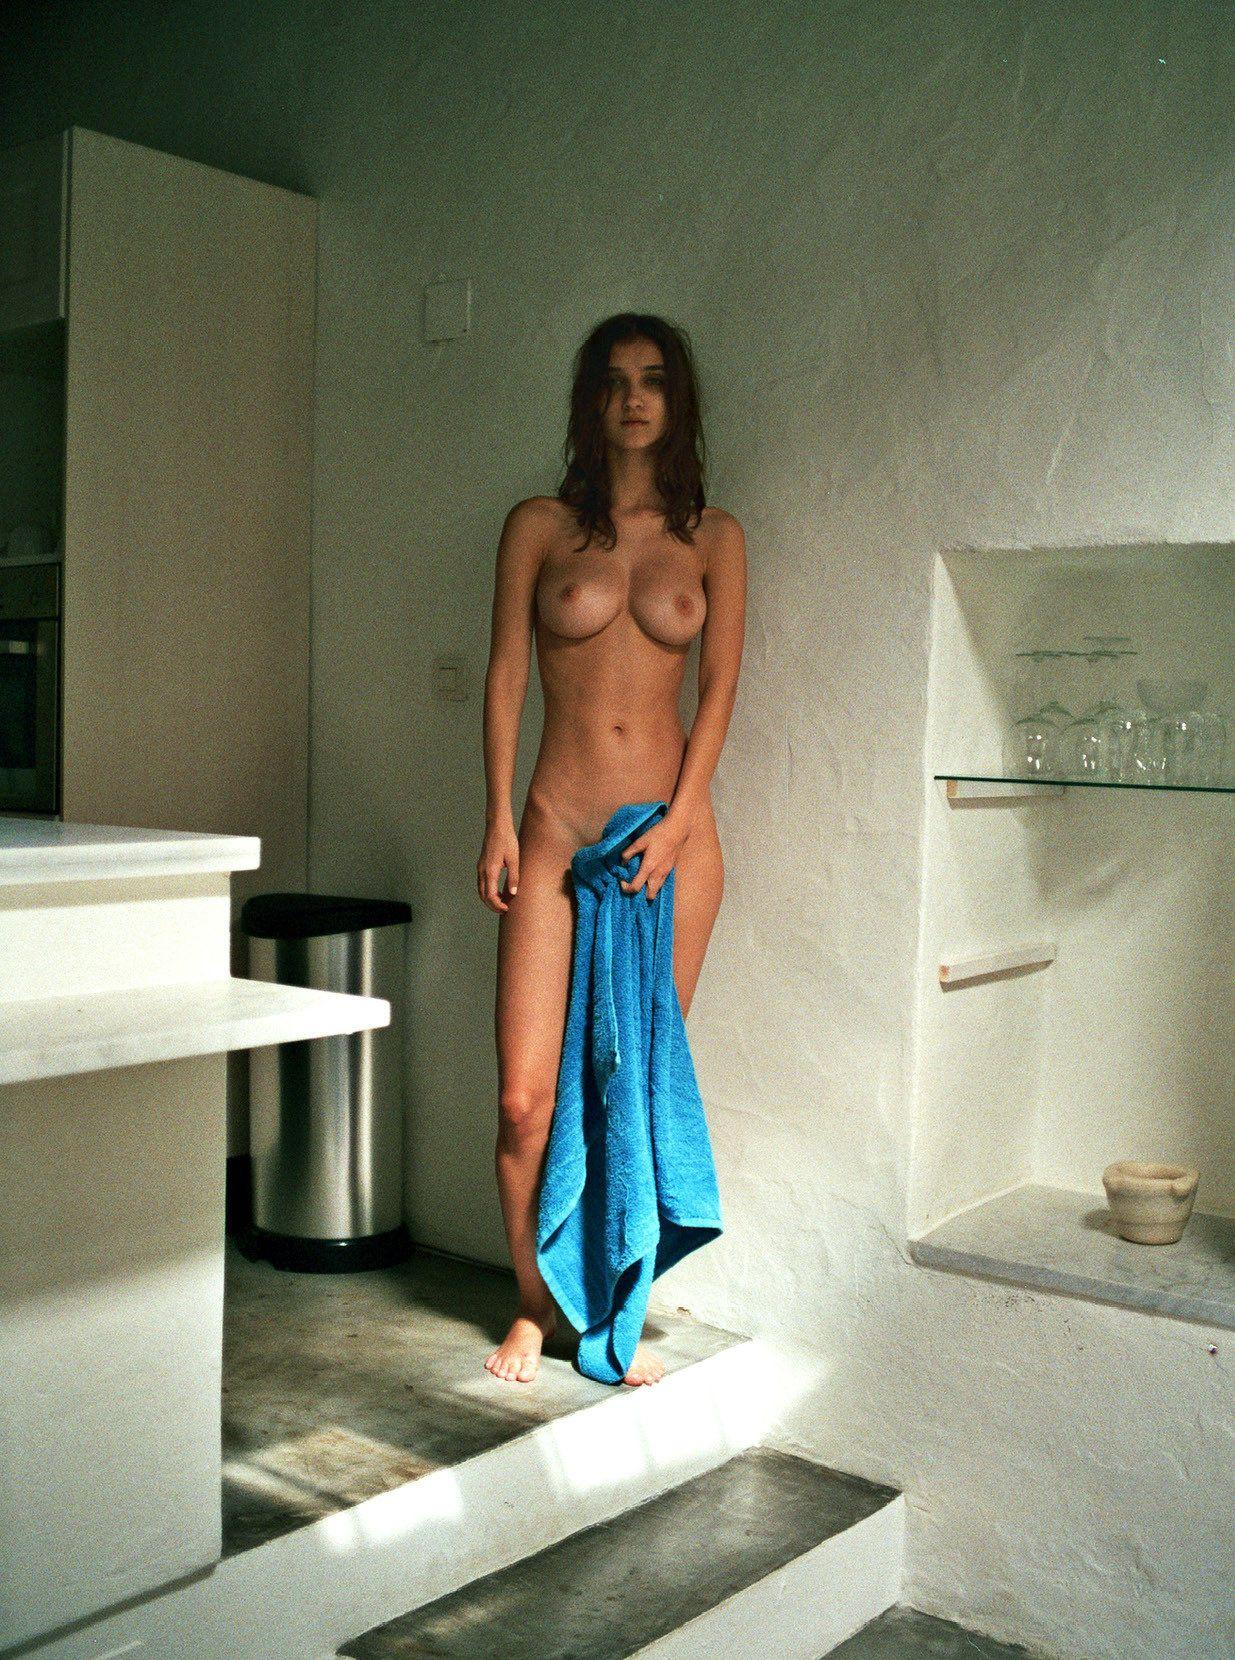 Paula-Bulczynska-Nude-6